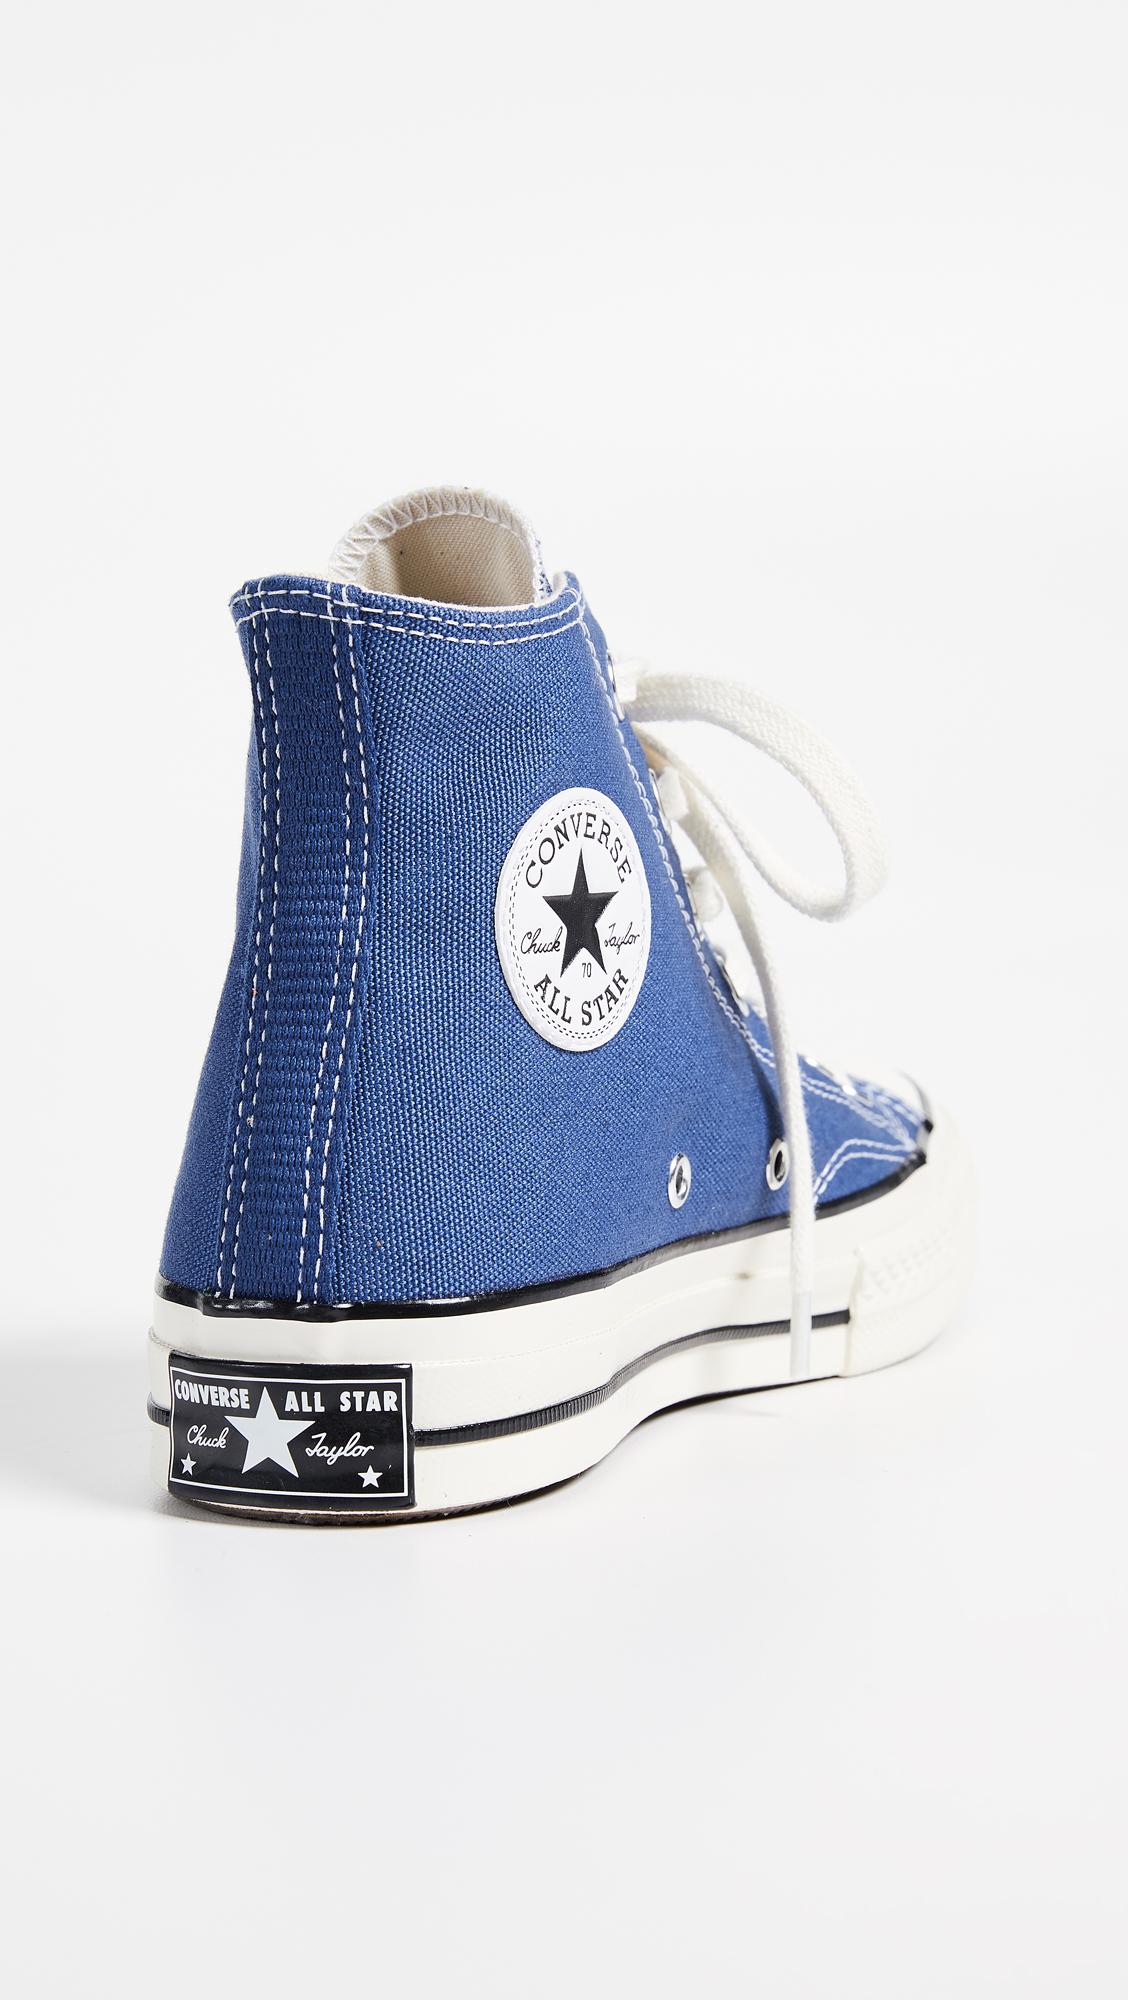 0034754e68e2 Converse All Star  70s High Top Sneakers